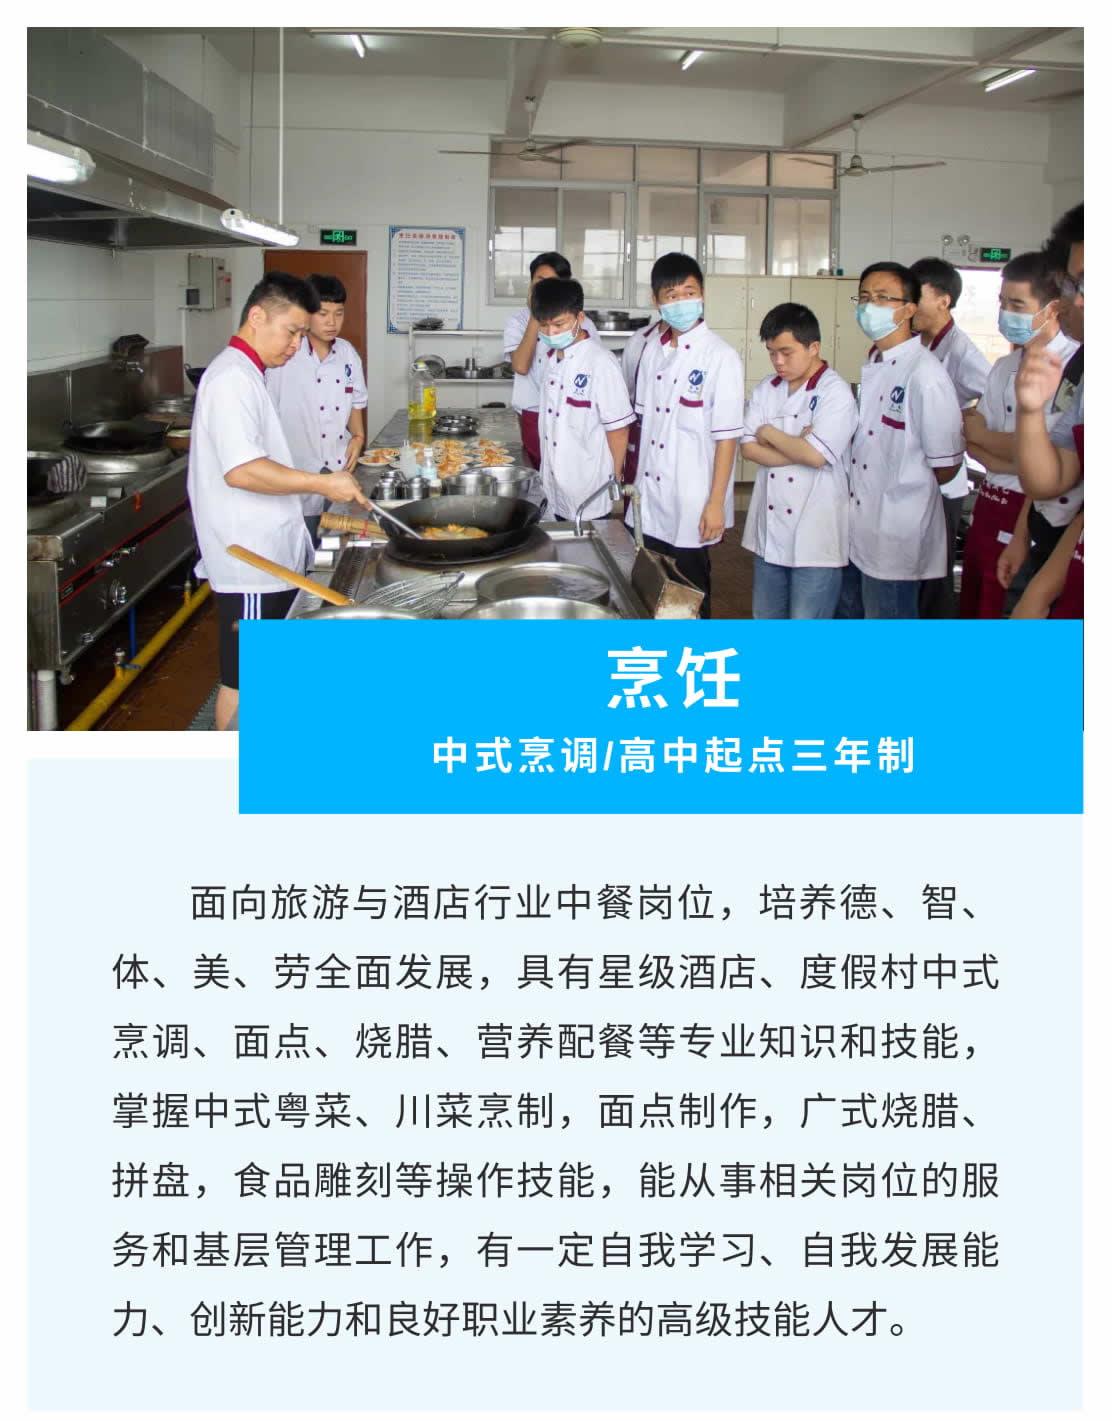 烹饪(中式烹调_高中起点三年制)-1_r1_c1.jpg